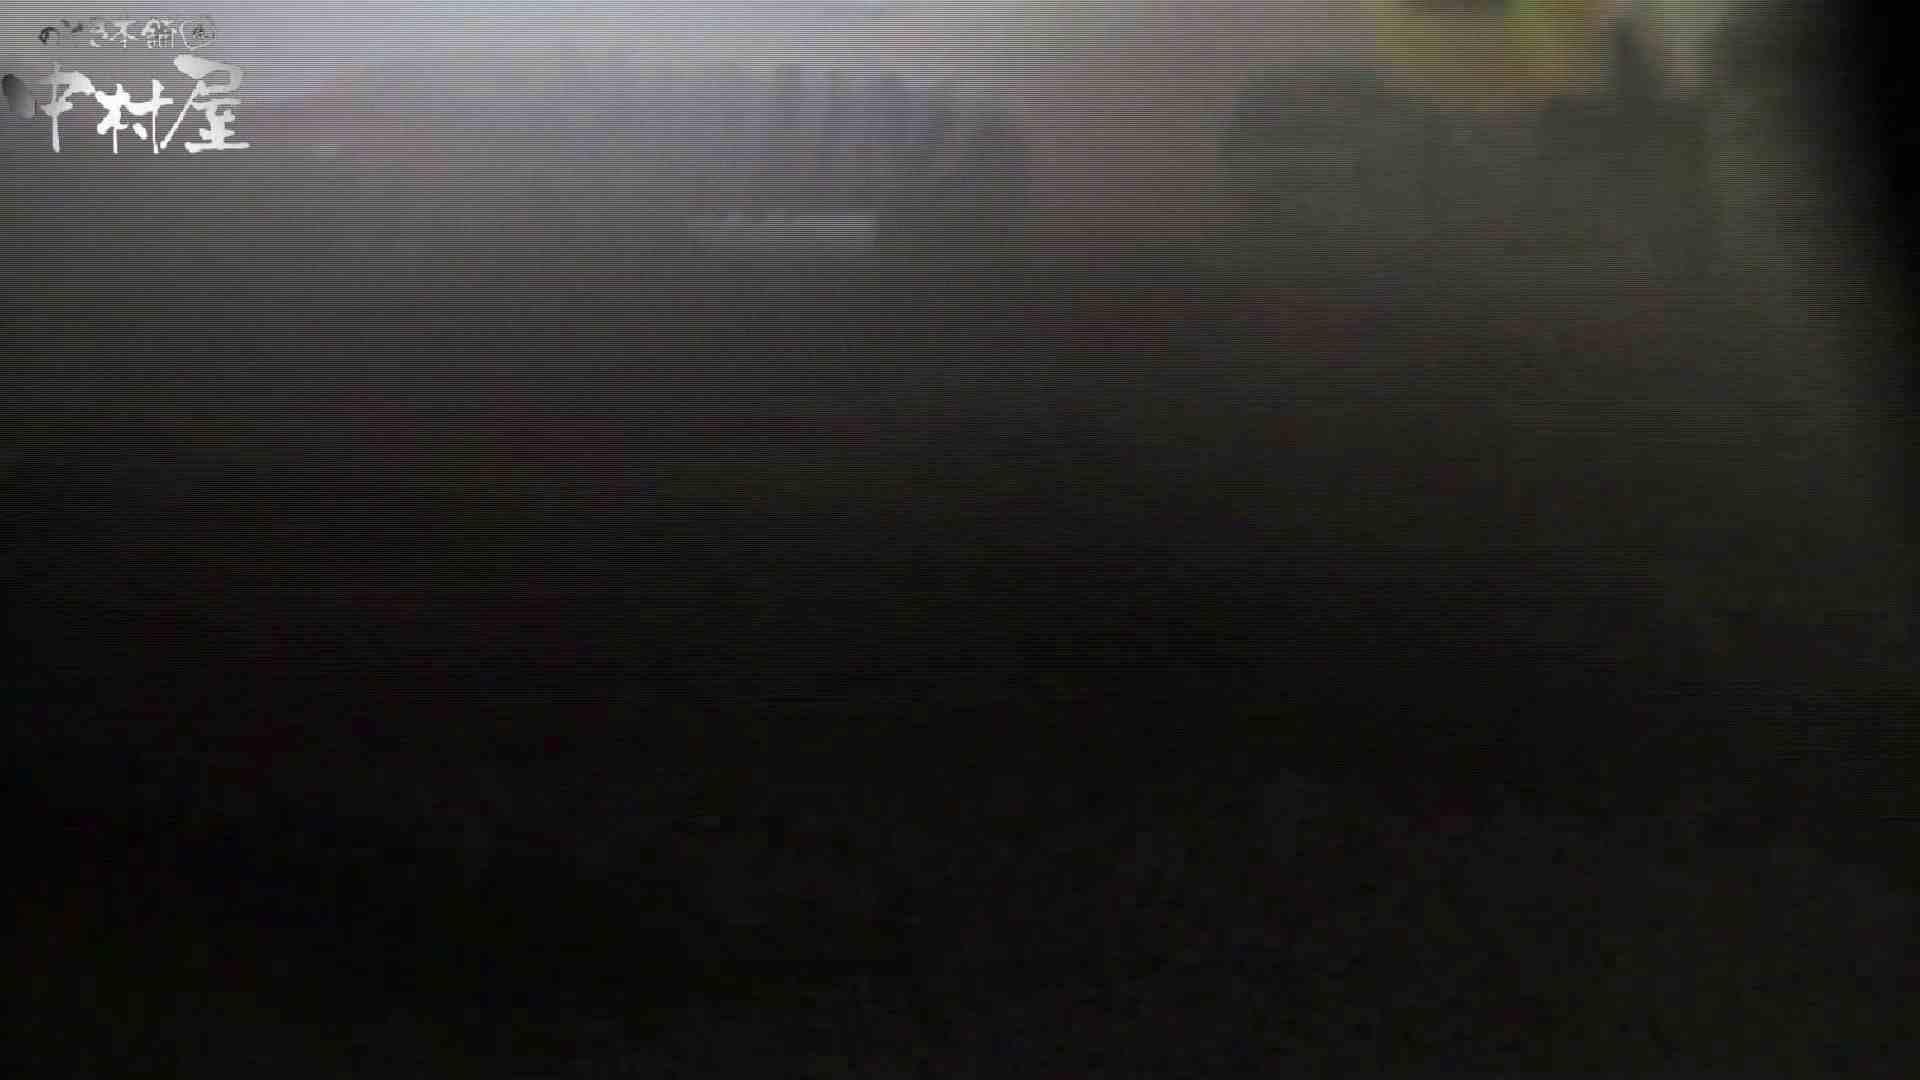 世界の射窓から~vol47 珍しい、毛からしたってくる聖水 OLエロ画像 | 0  113PICs 11